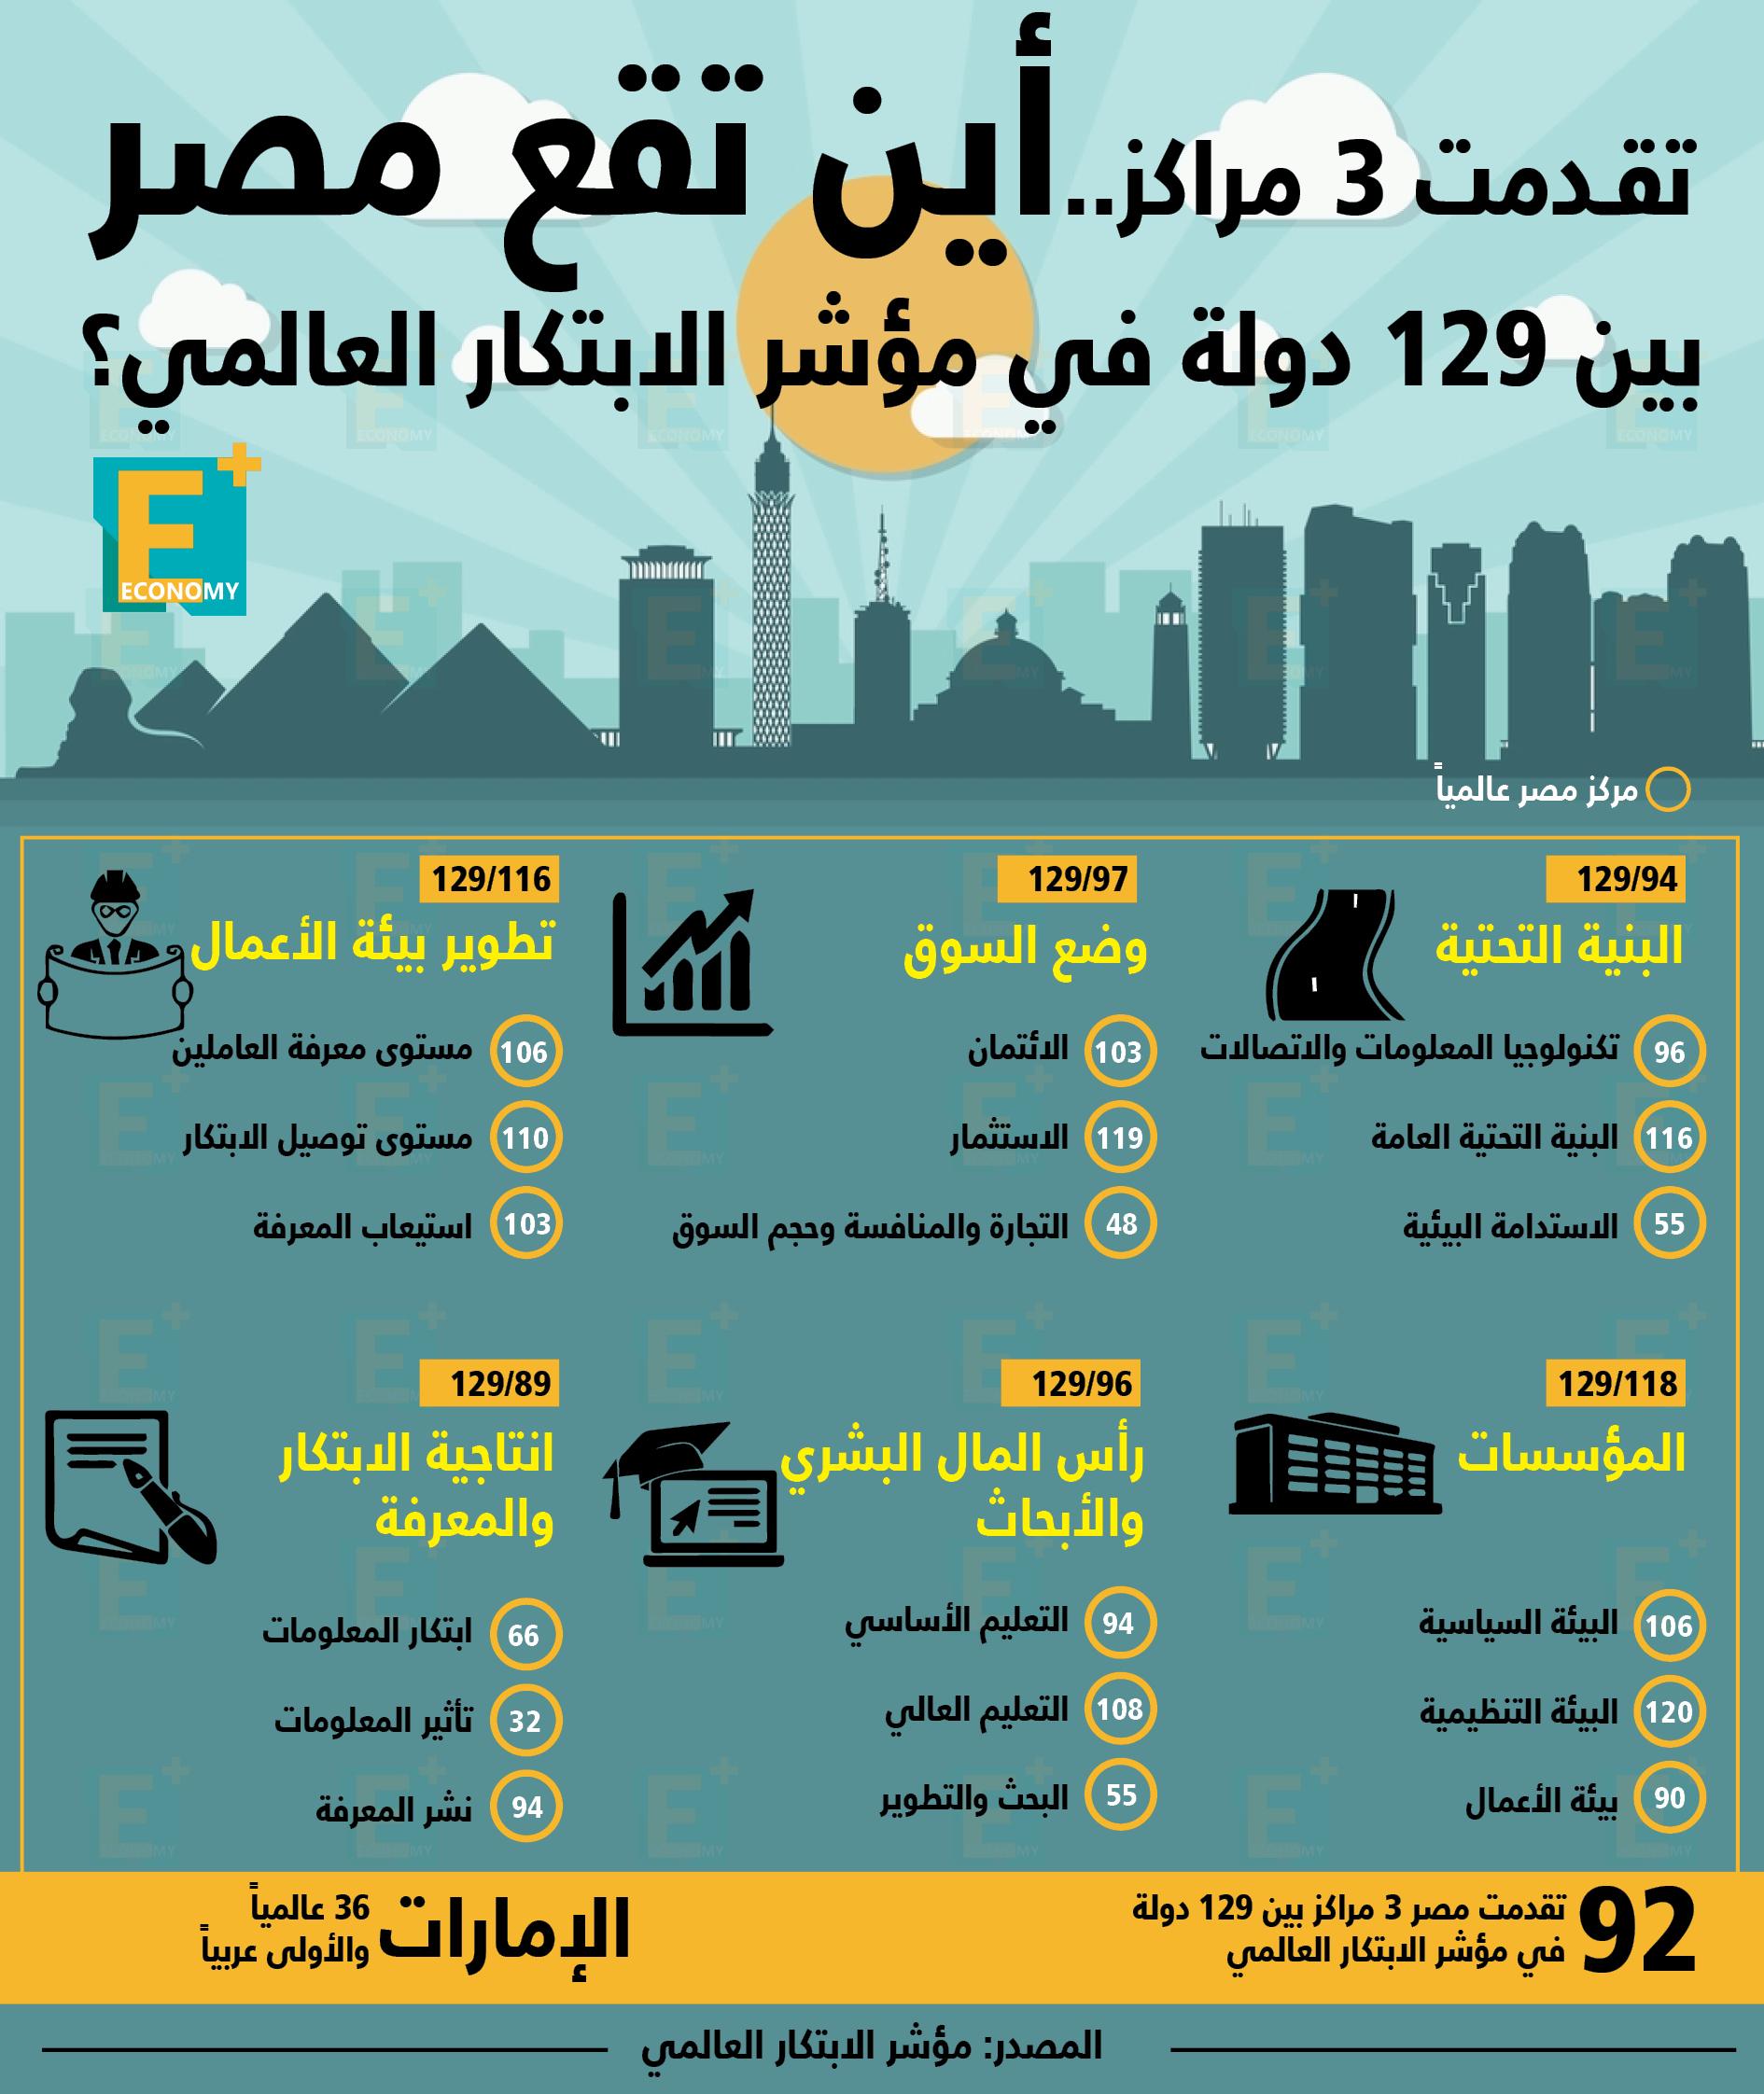 أين تقع مصر بين 129 دولة في مؤشر الابتكار العالمي؟